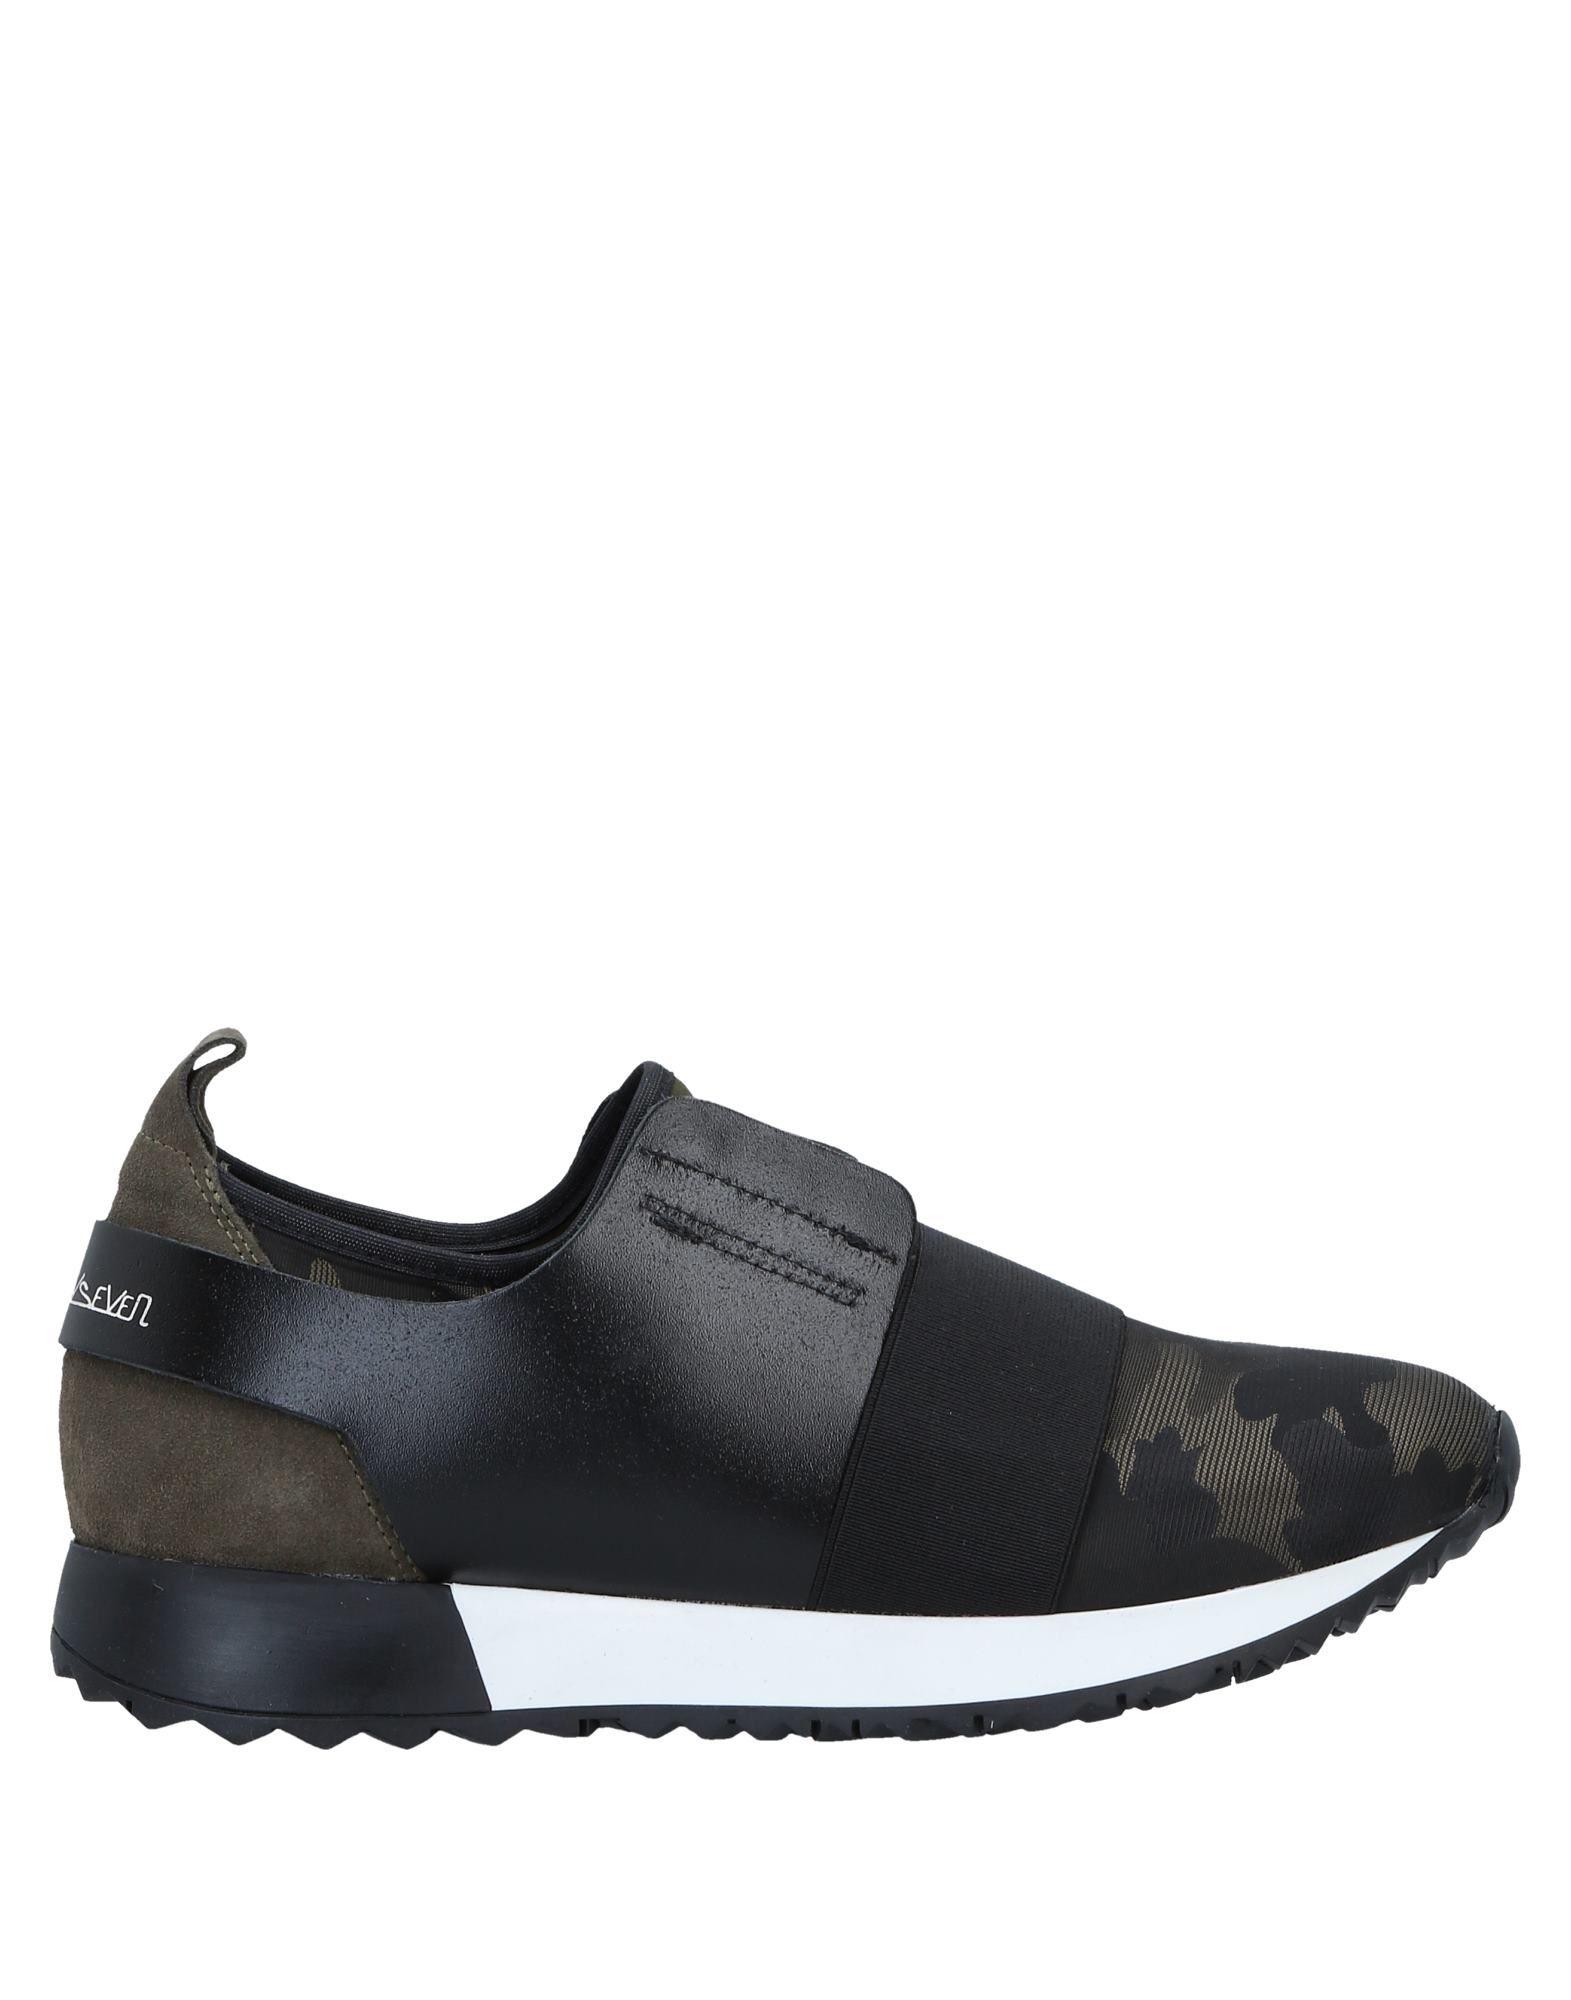 67 Sixtyseven Sneakers Damen  11541694WX Gute Qualität beliebte Schuhe